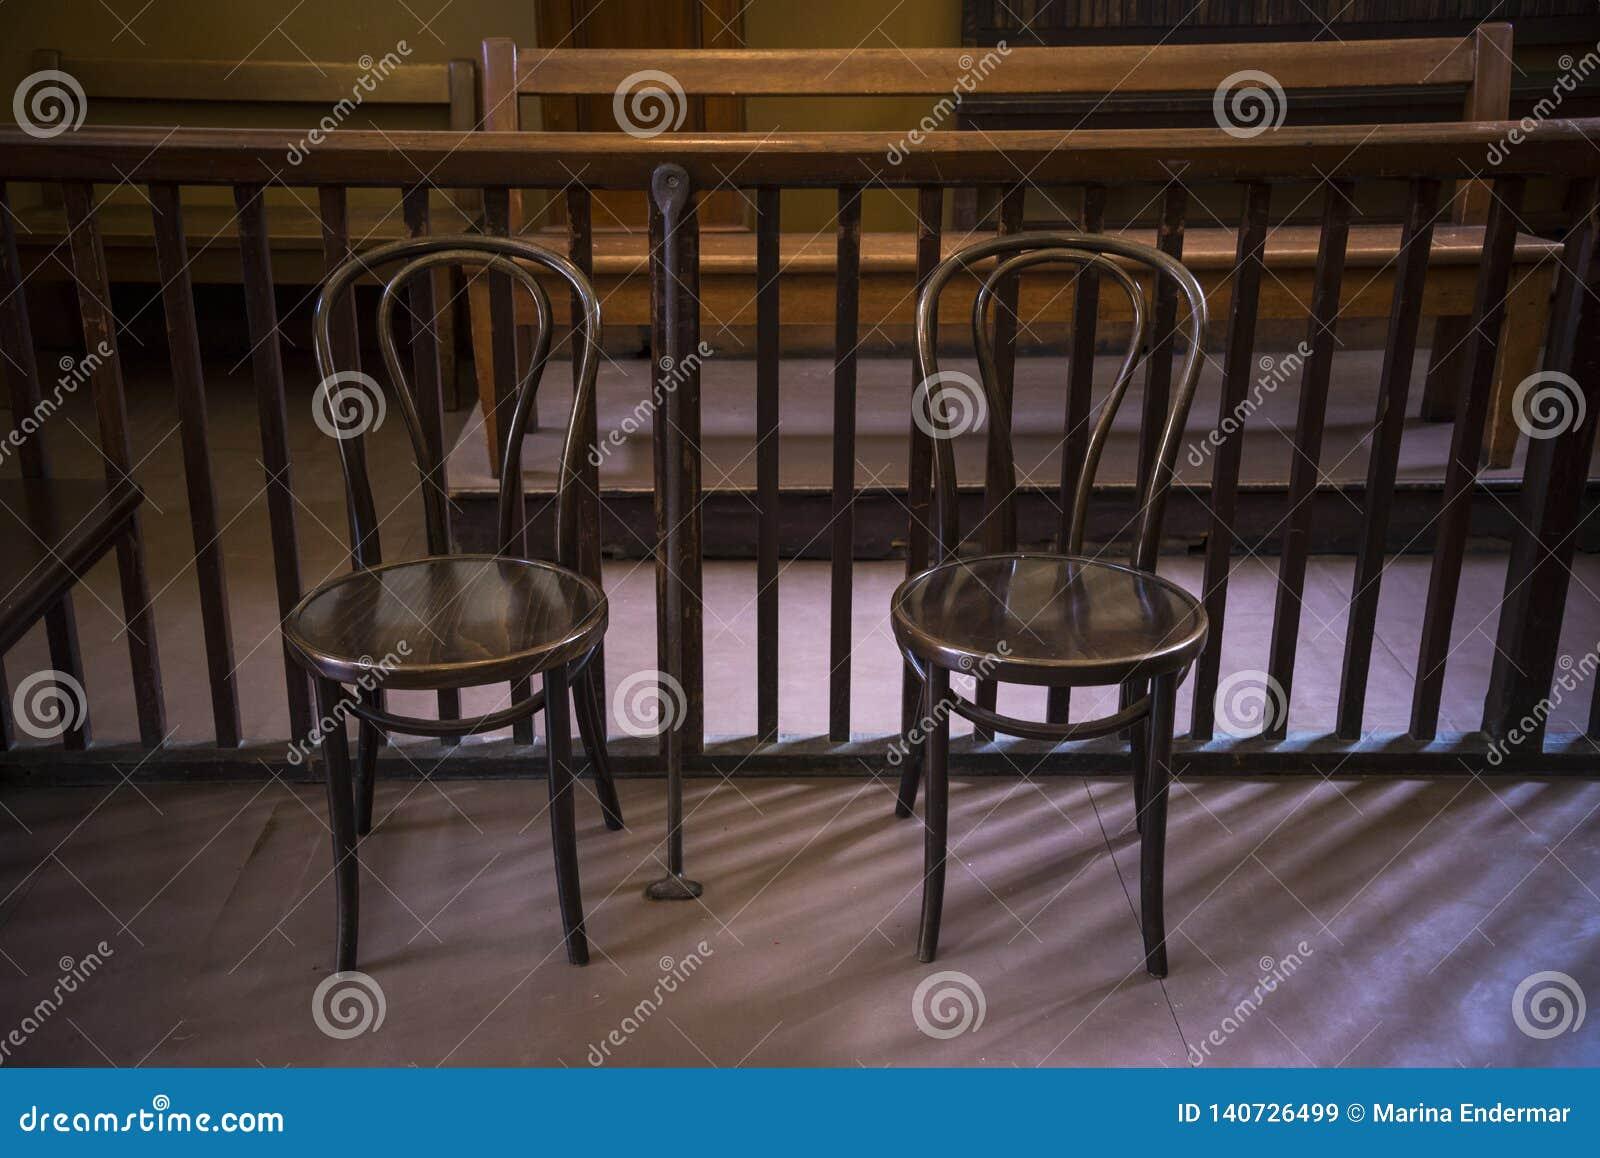 Deux chaises vides de bois courbé